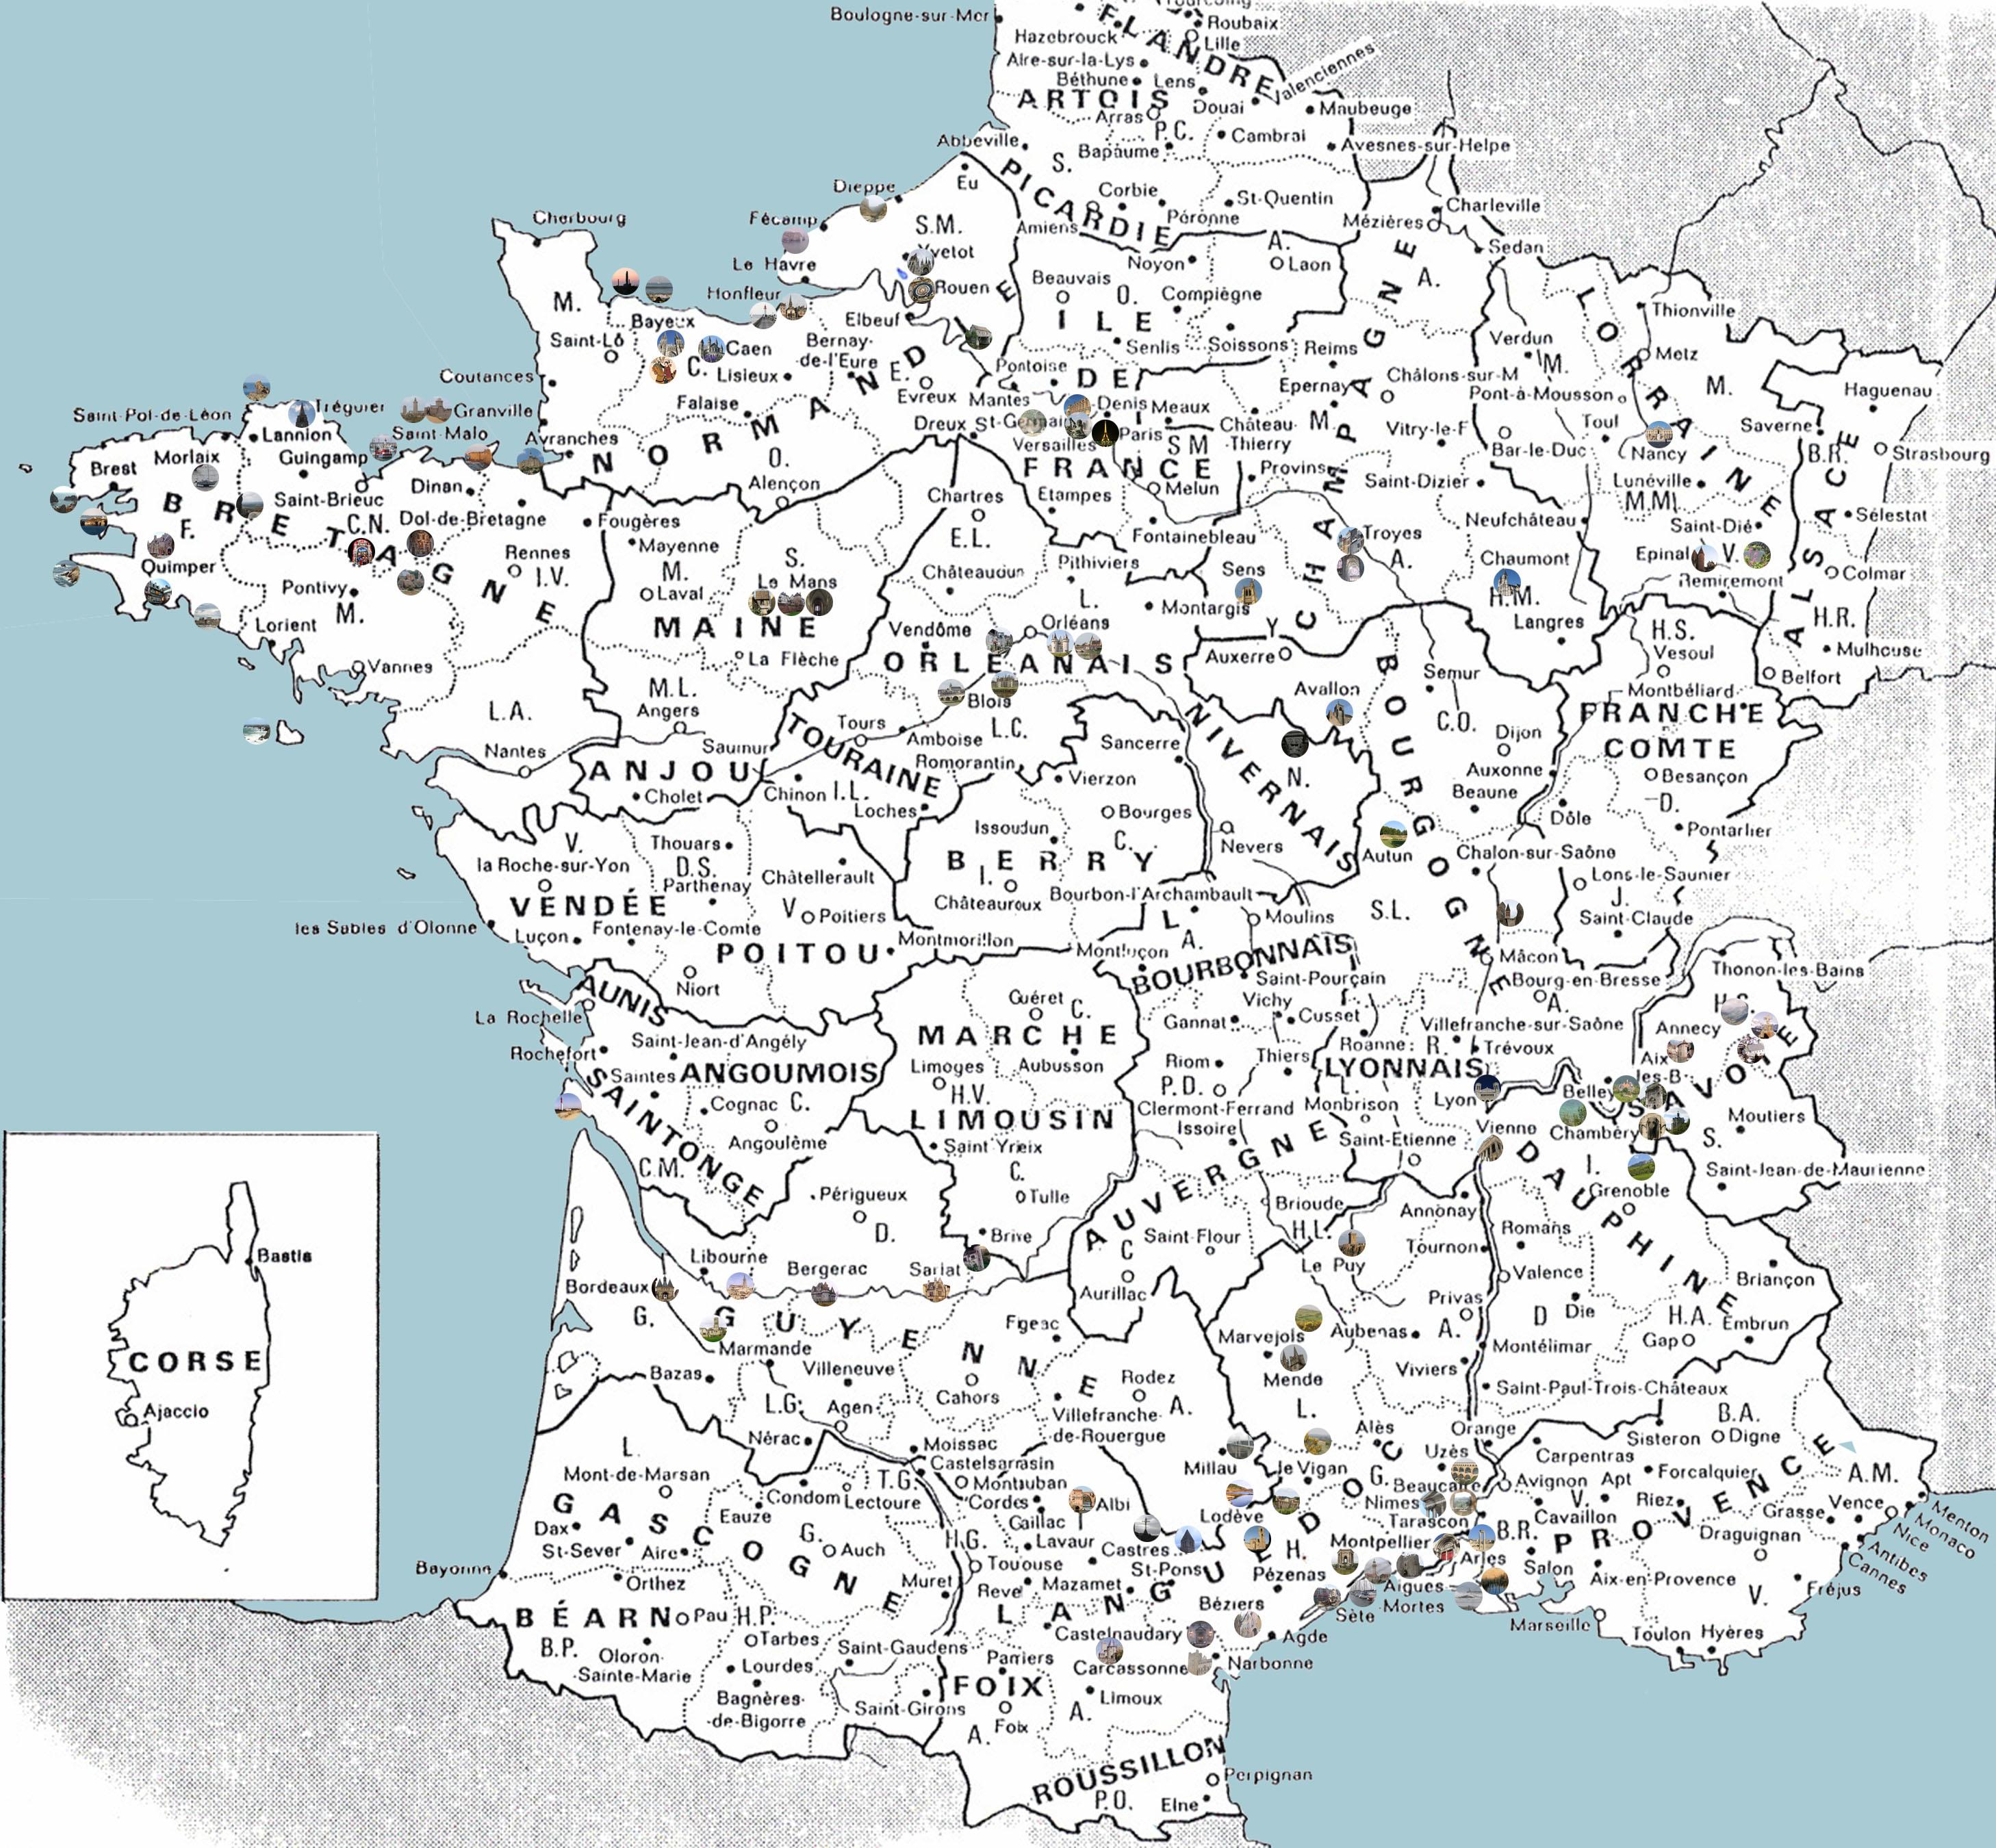 Regioni Della Francia Cartina.Mappa Della Francia